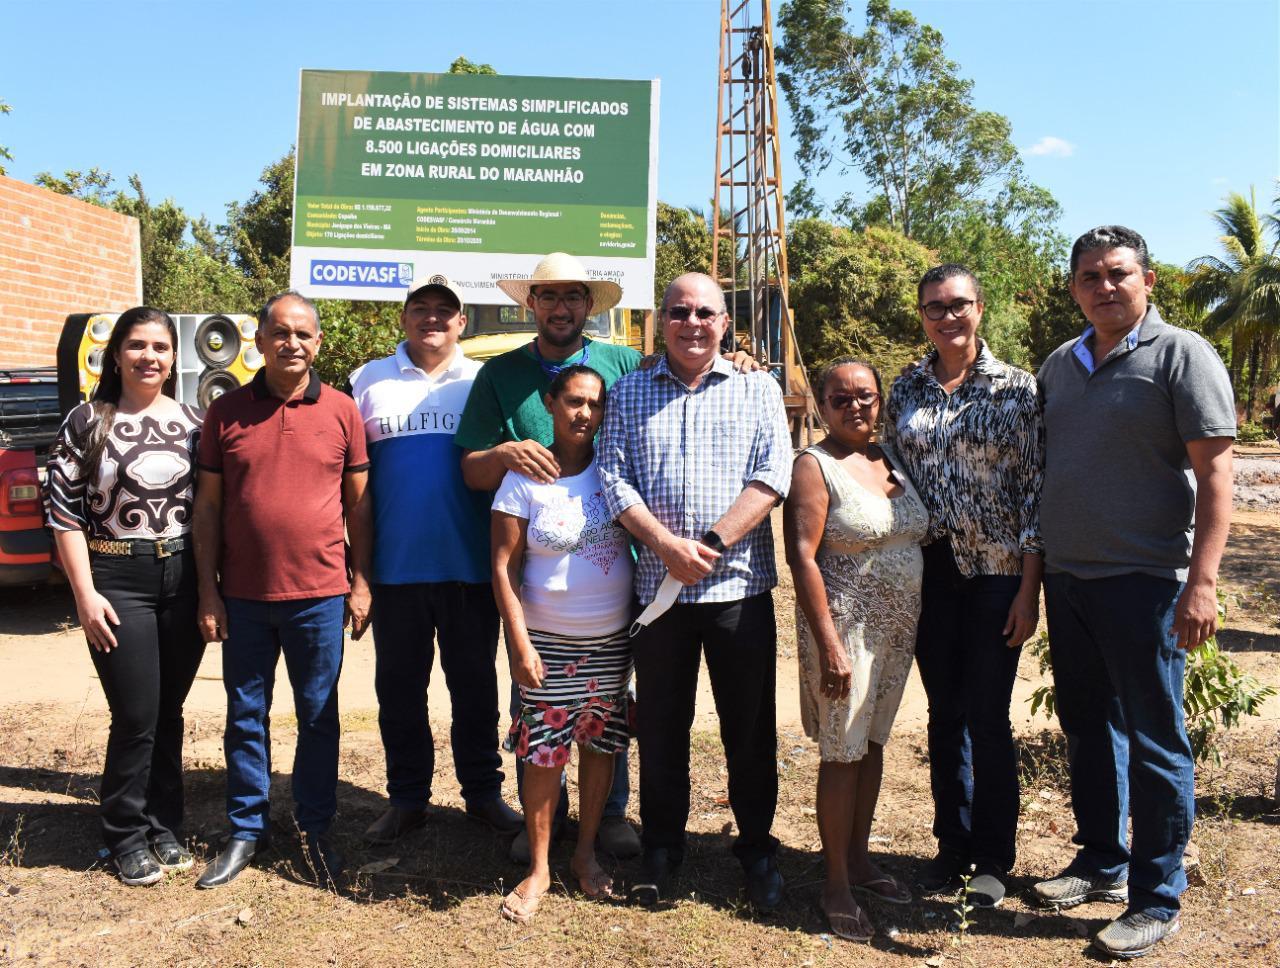 Hildo Rocha vistoria construção de sistema de abastecimento de água em Jenipapo dos Vieiras